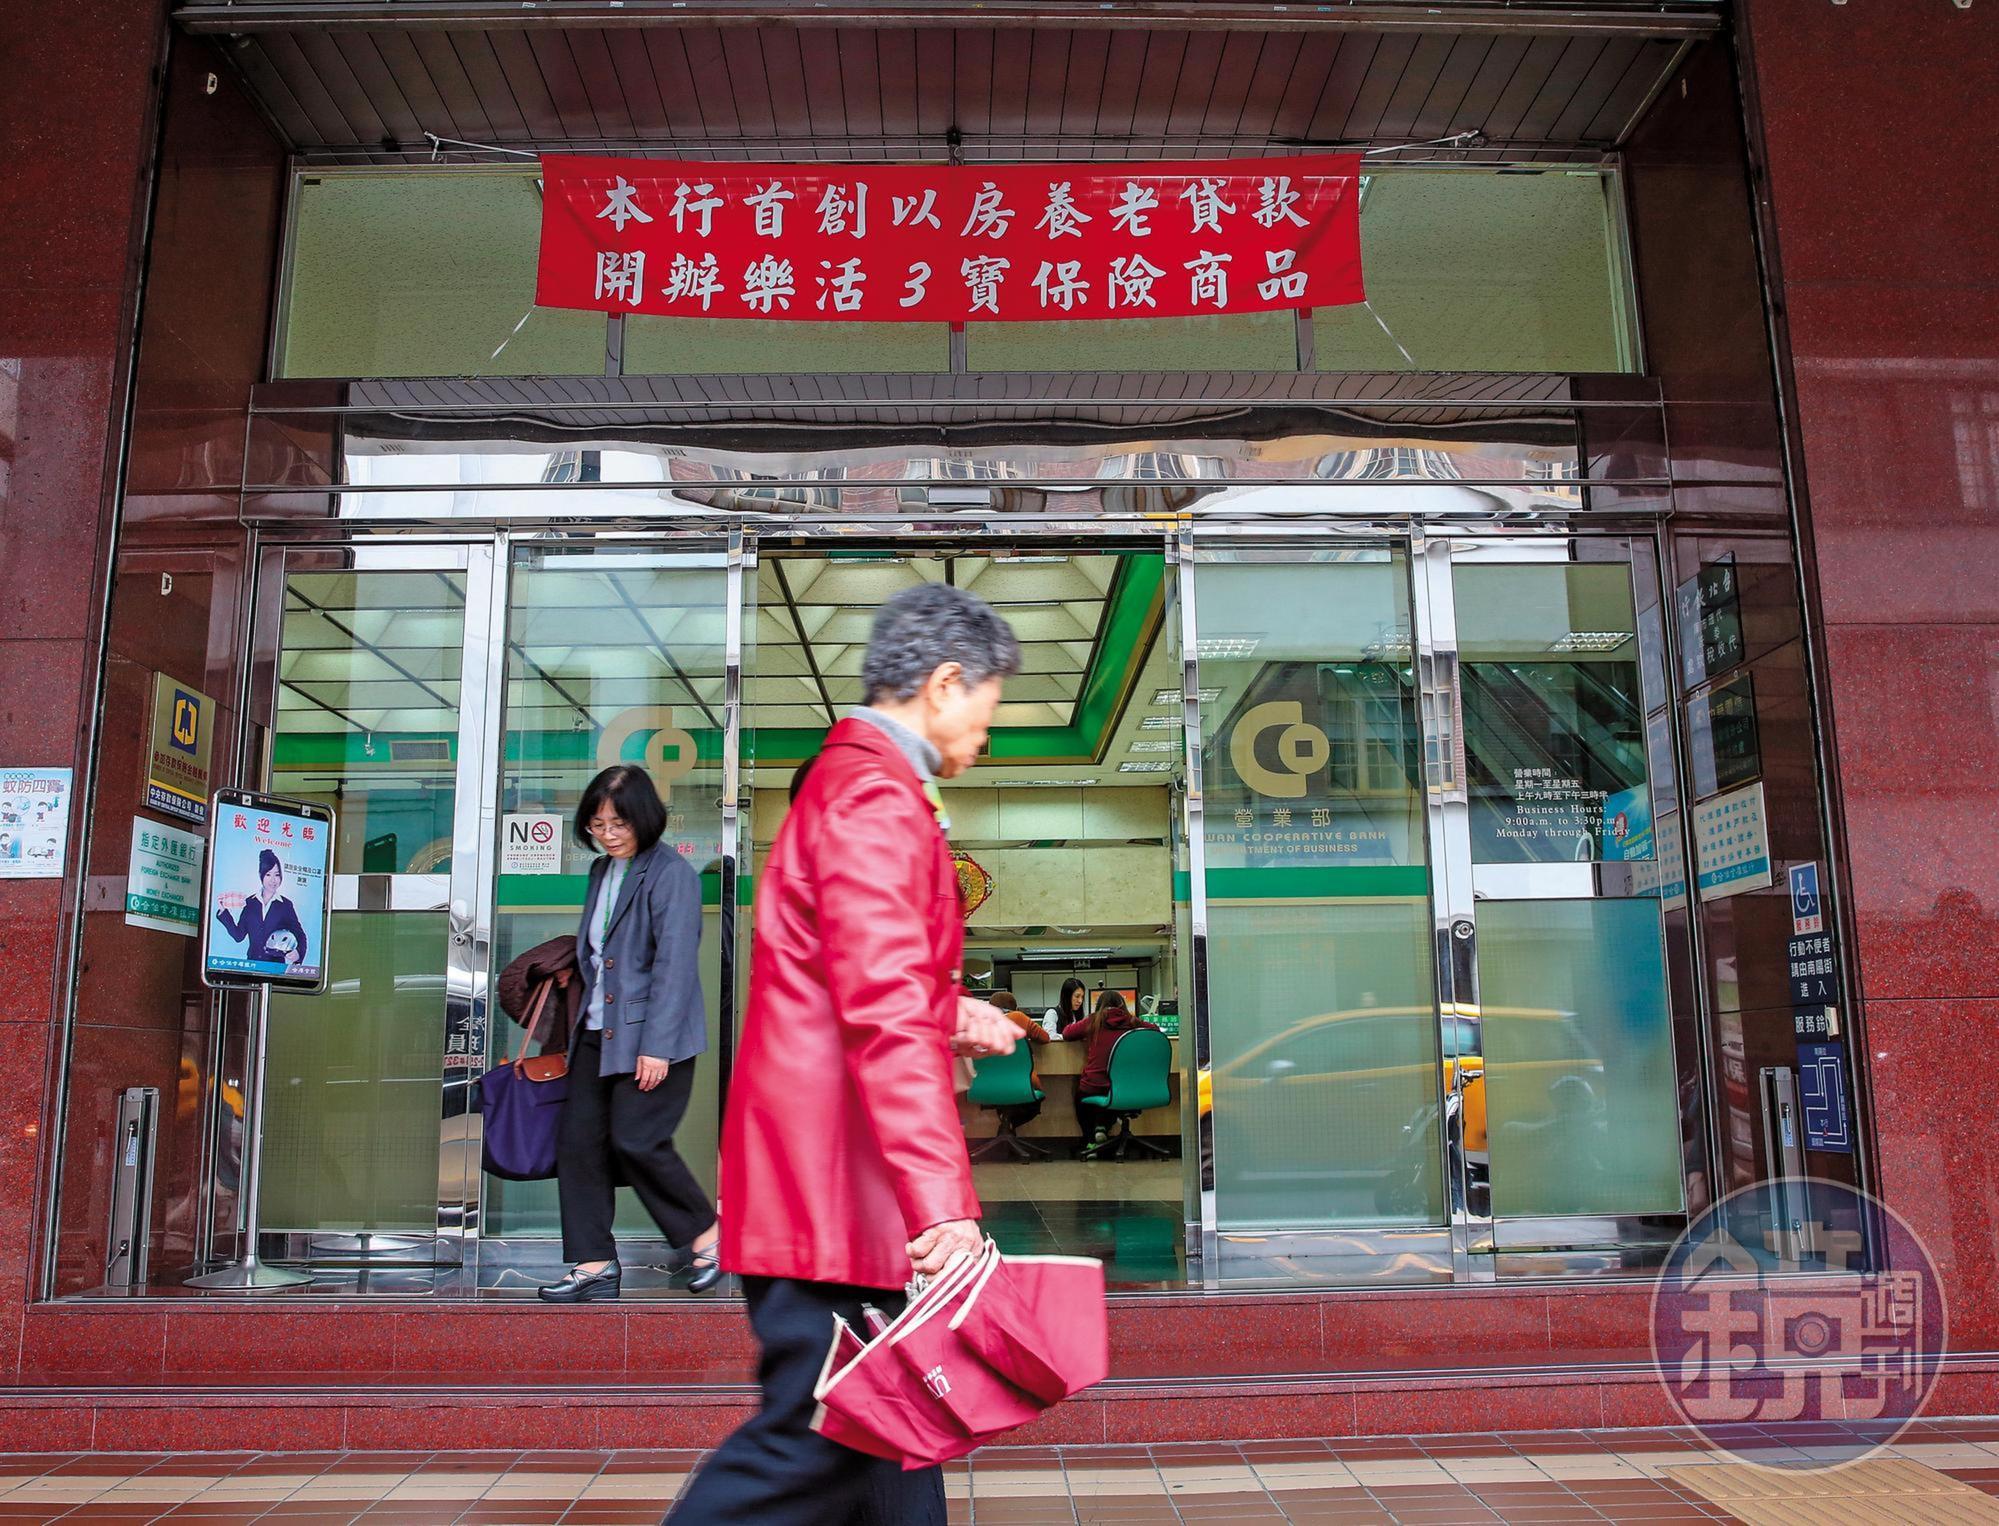 合作金庫銀行是國內首家推出「以房養老」的金融機構。